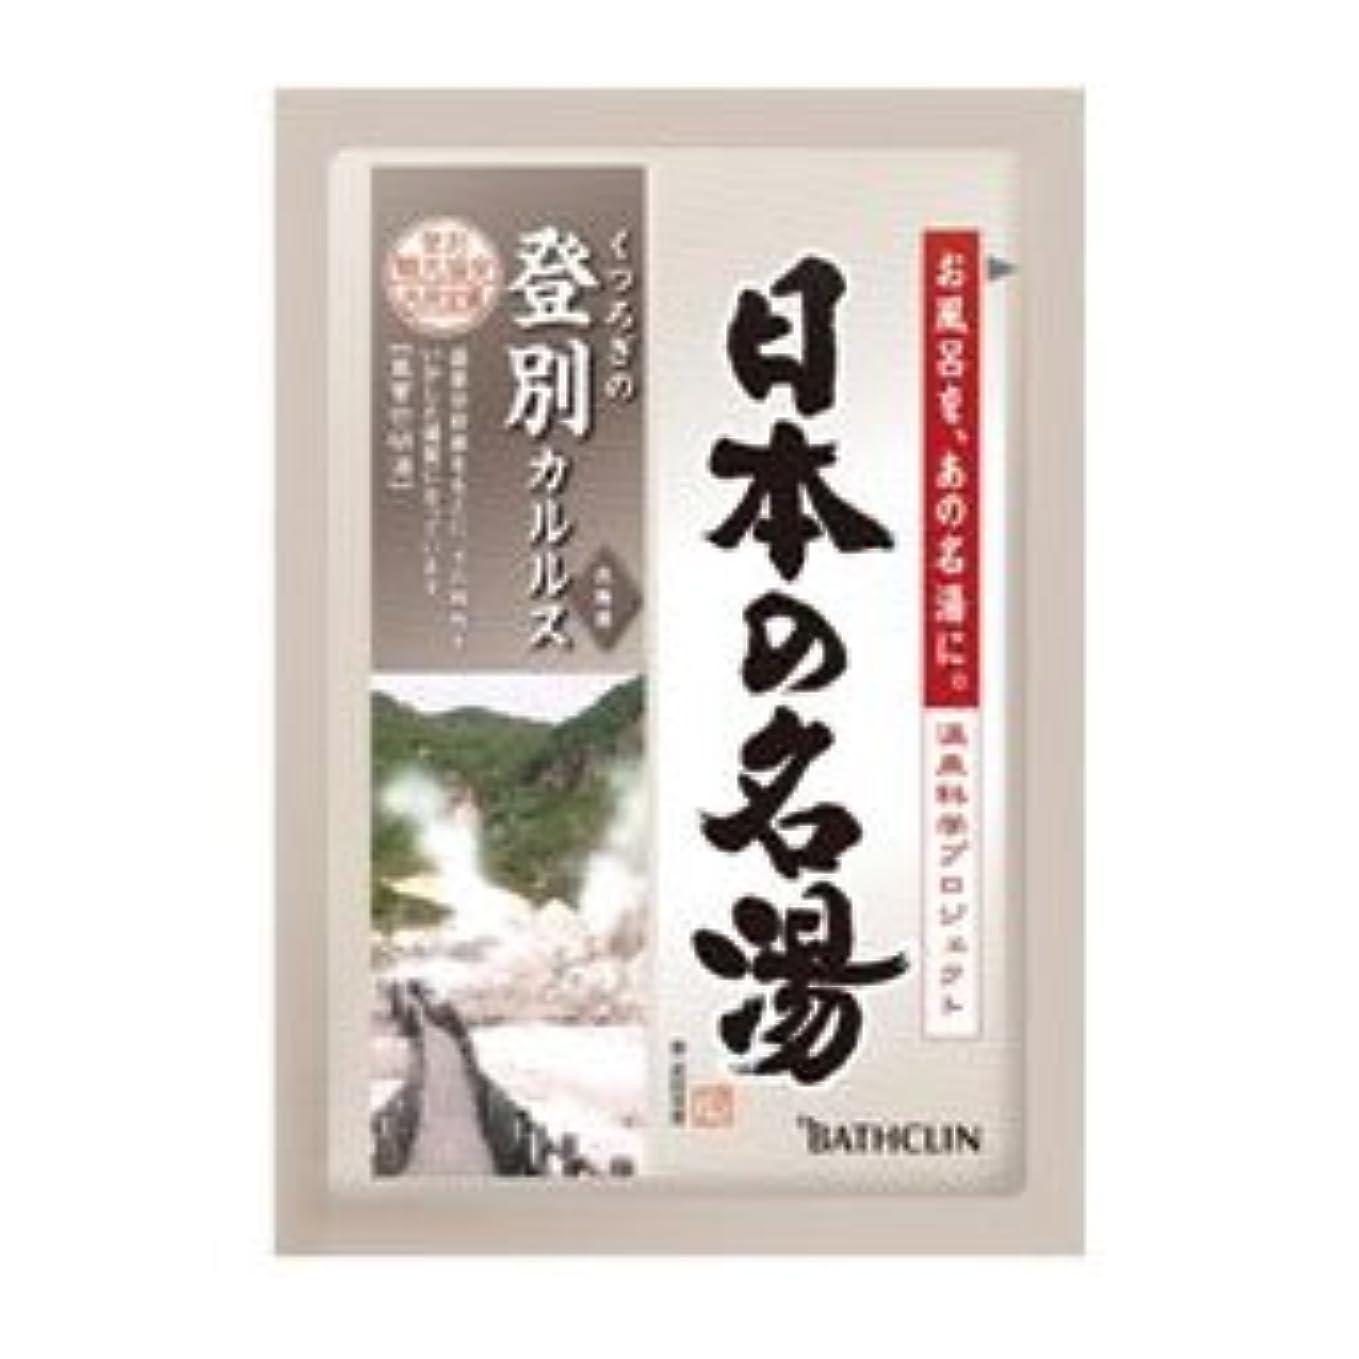 敬意擁するソーセージバスクリン 日本の名湯 登別カルルス 1包 医薬部外品 入浴剤×120点セット (4548514134980)